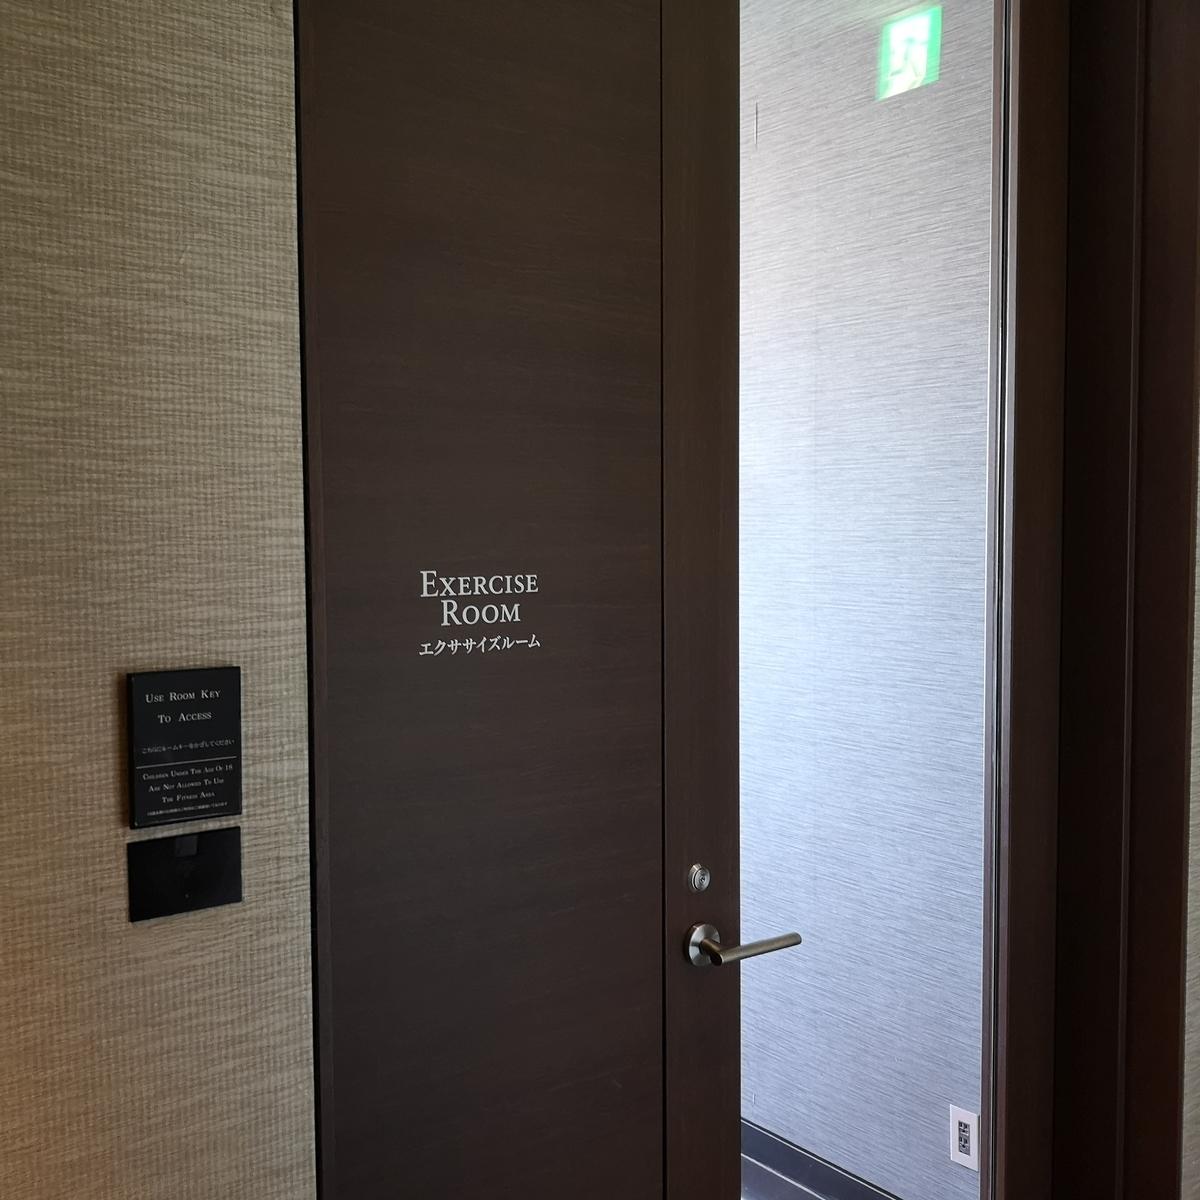 セントレジス大阪 エクササイズルーム